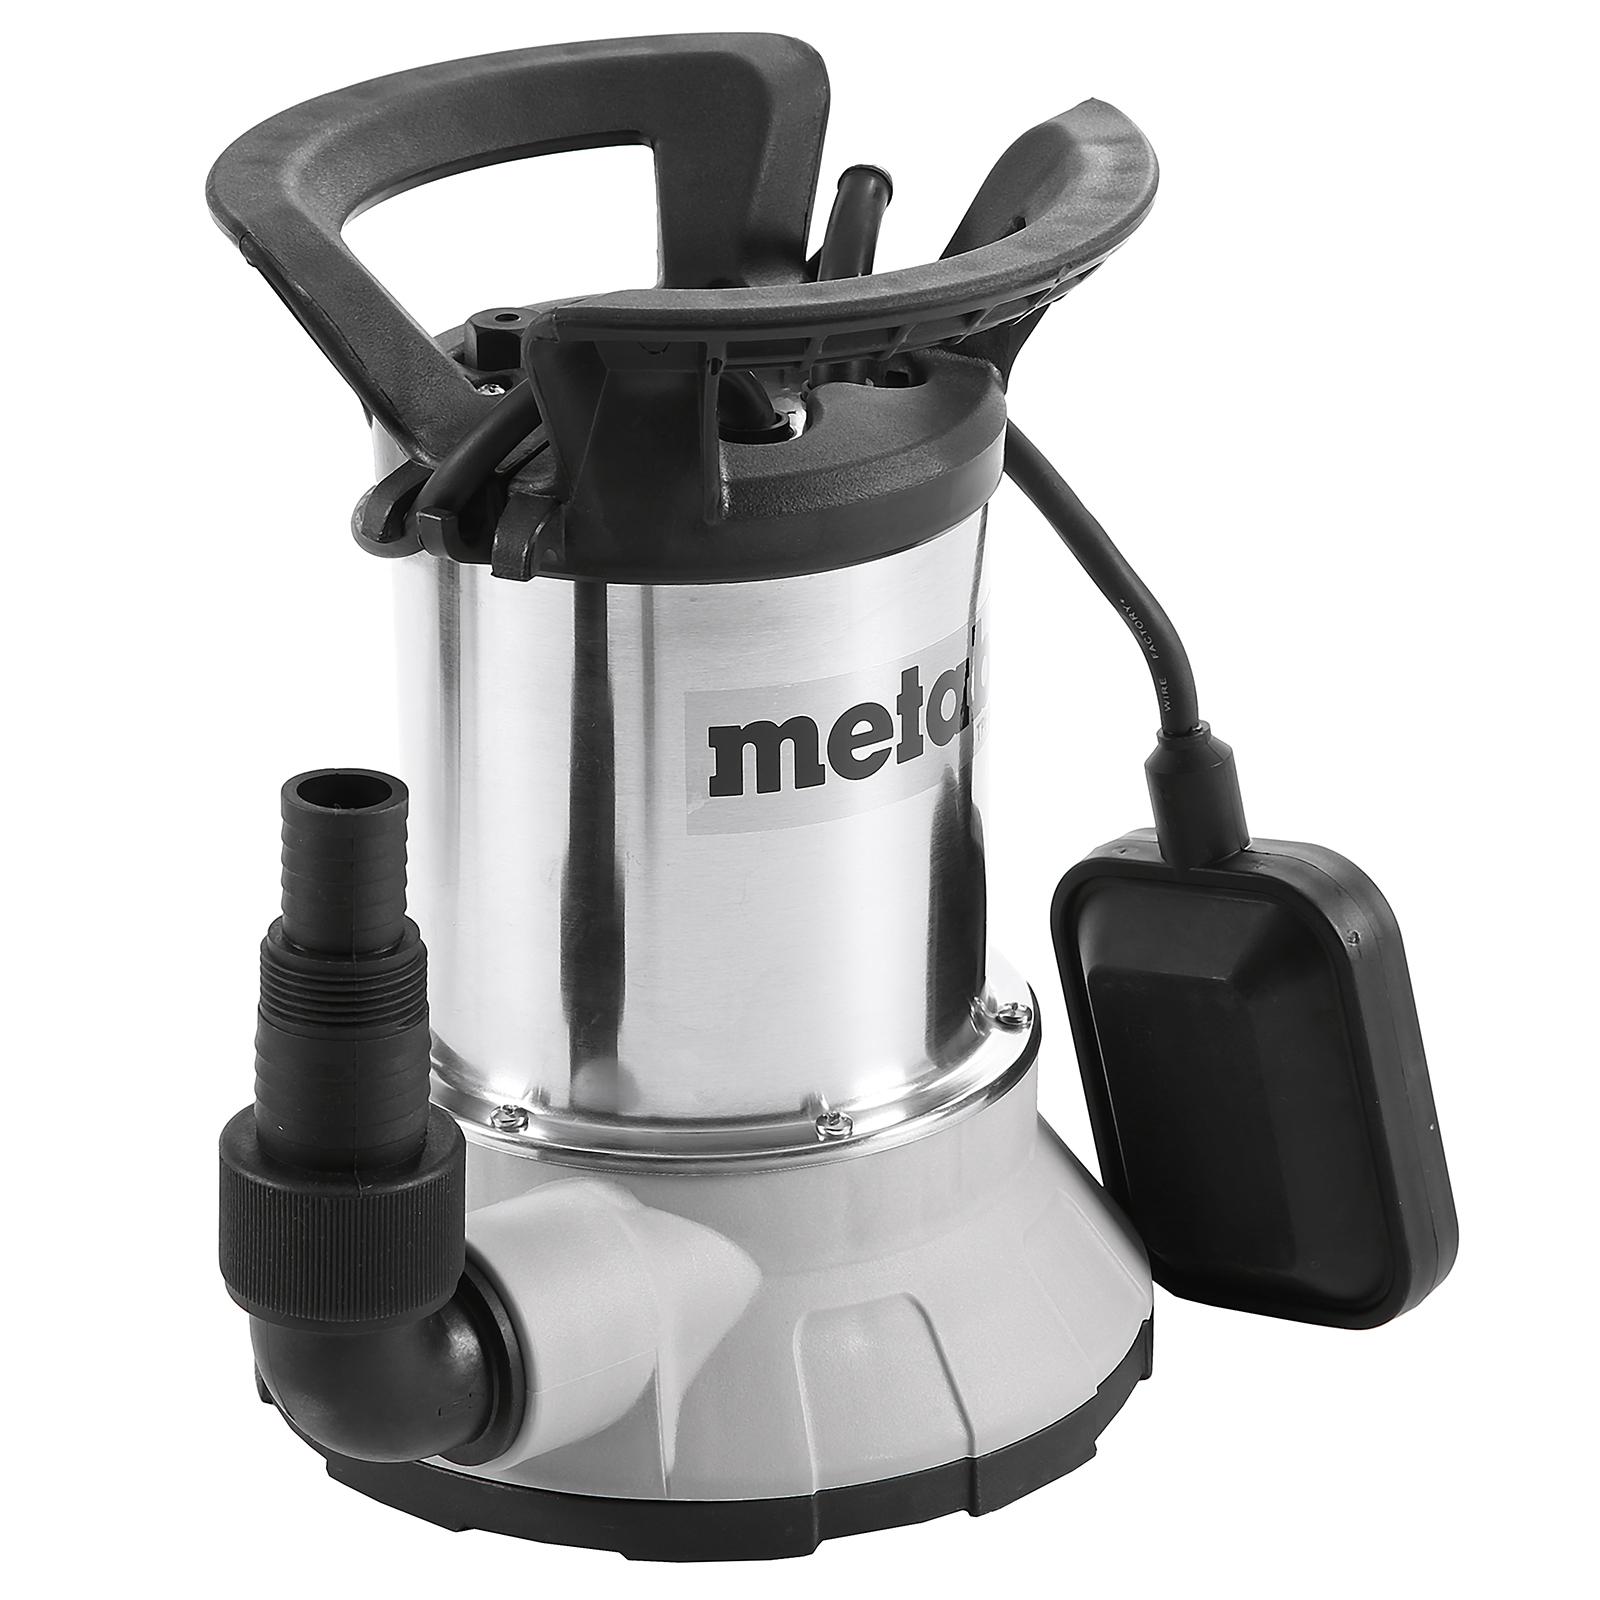 купить Дренажный насос Metabo Tpf 6600 sn (250660006) дешево